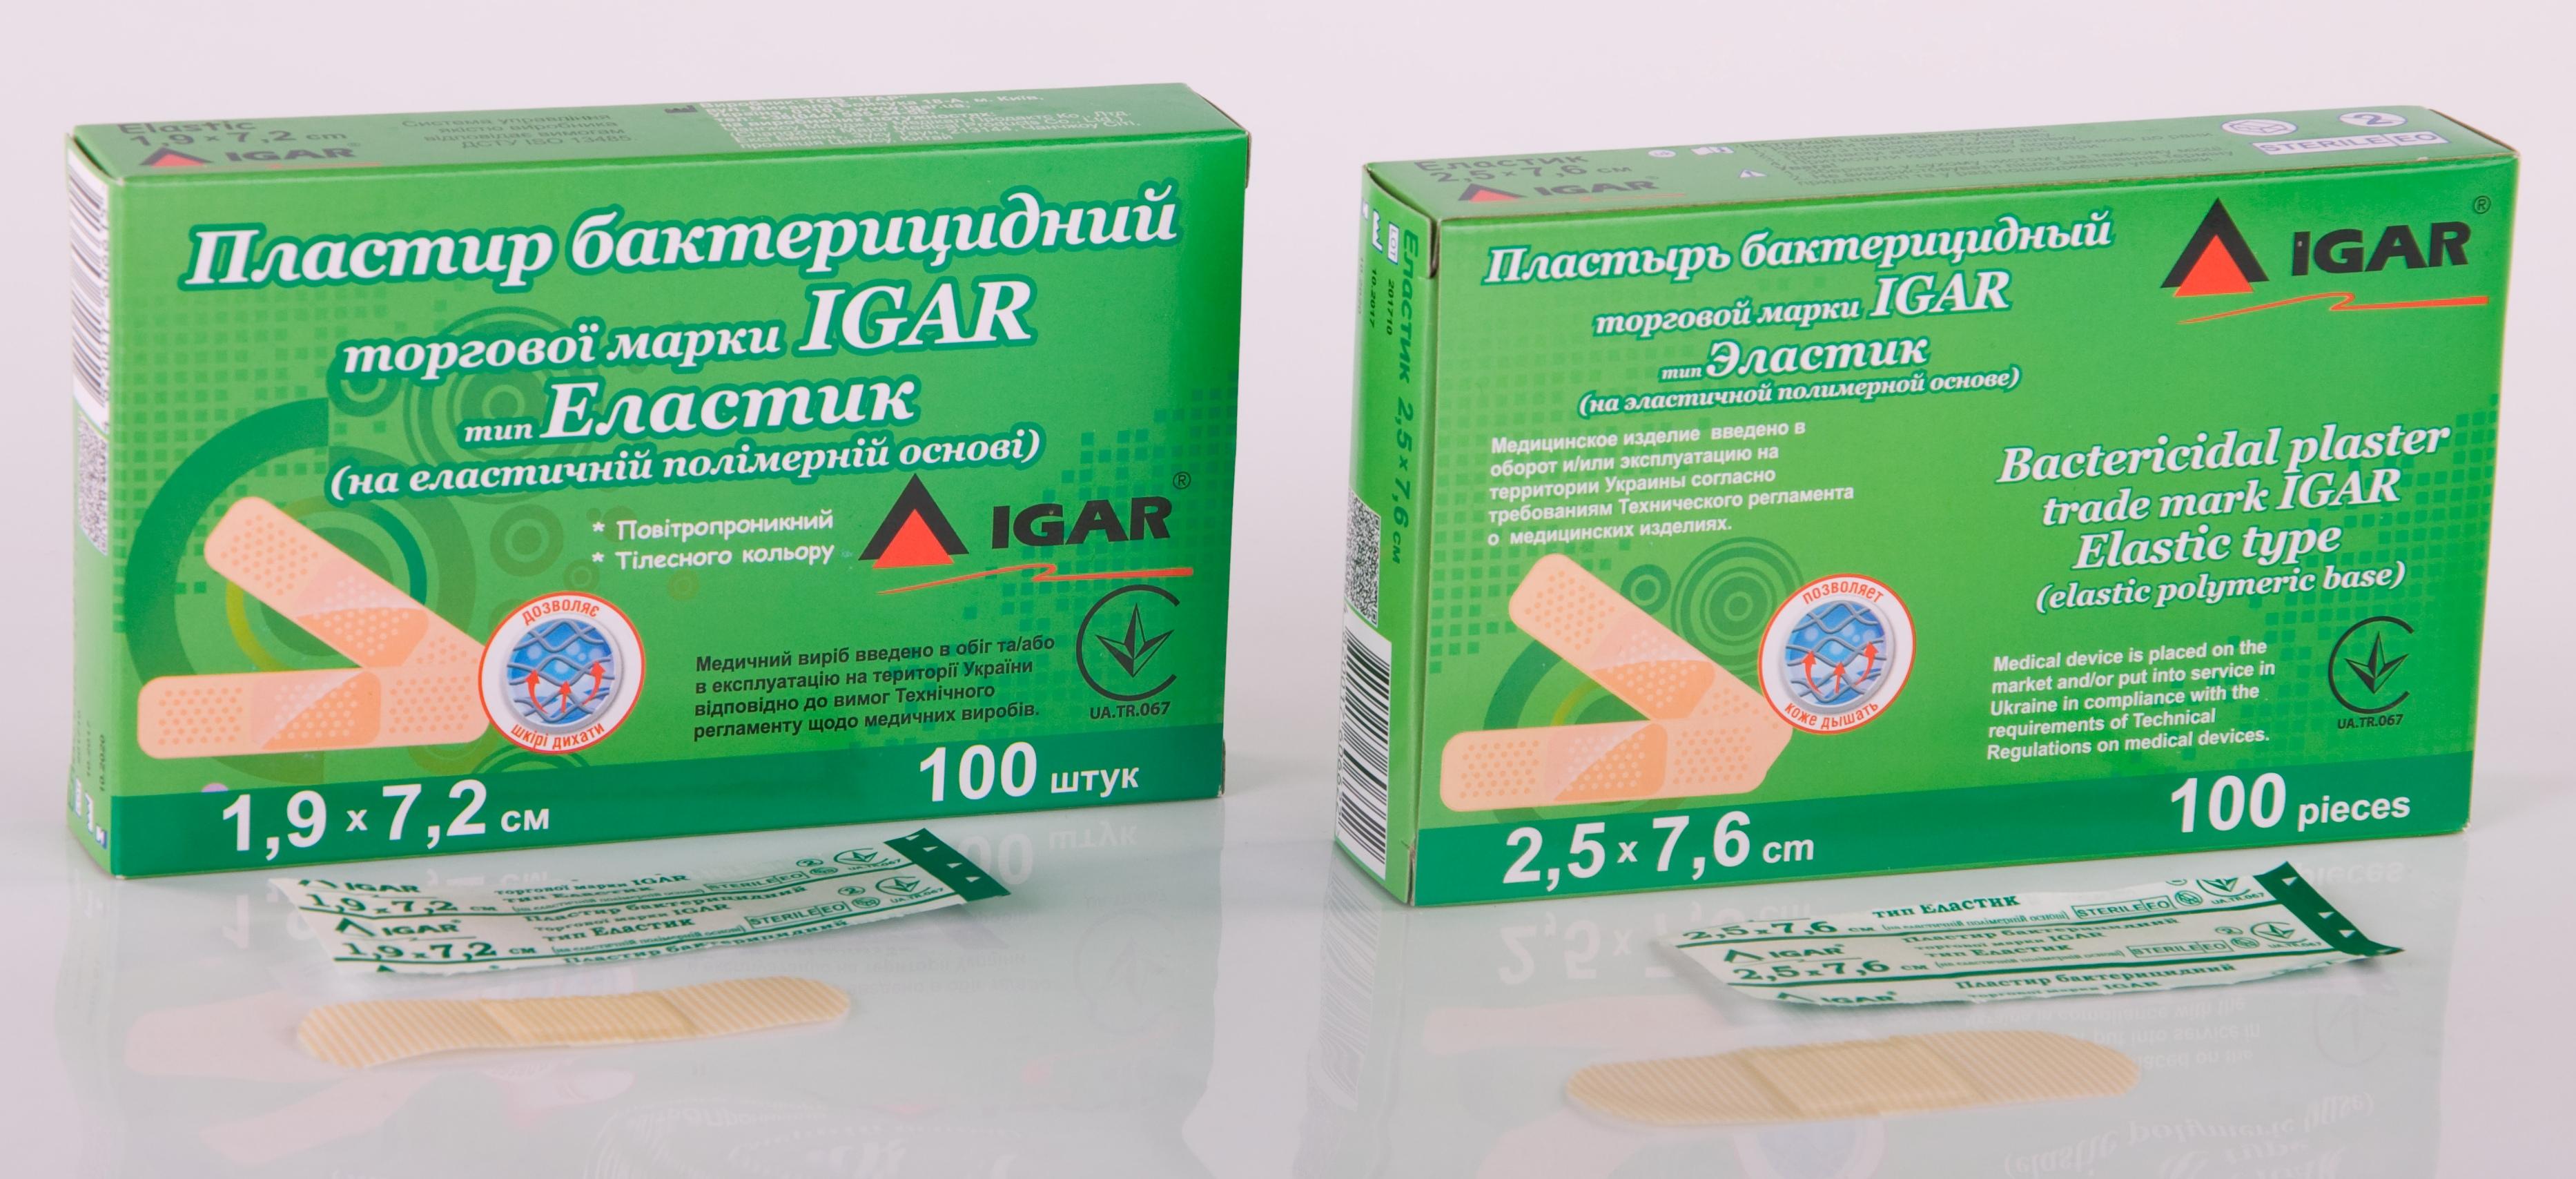 Пластырь бактерицидный торговой марки IGAR тип Эластик (на эластичной полимерной основе)